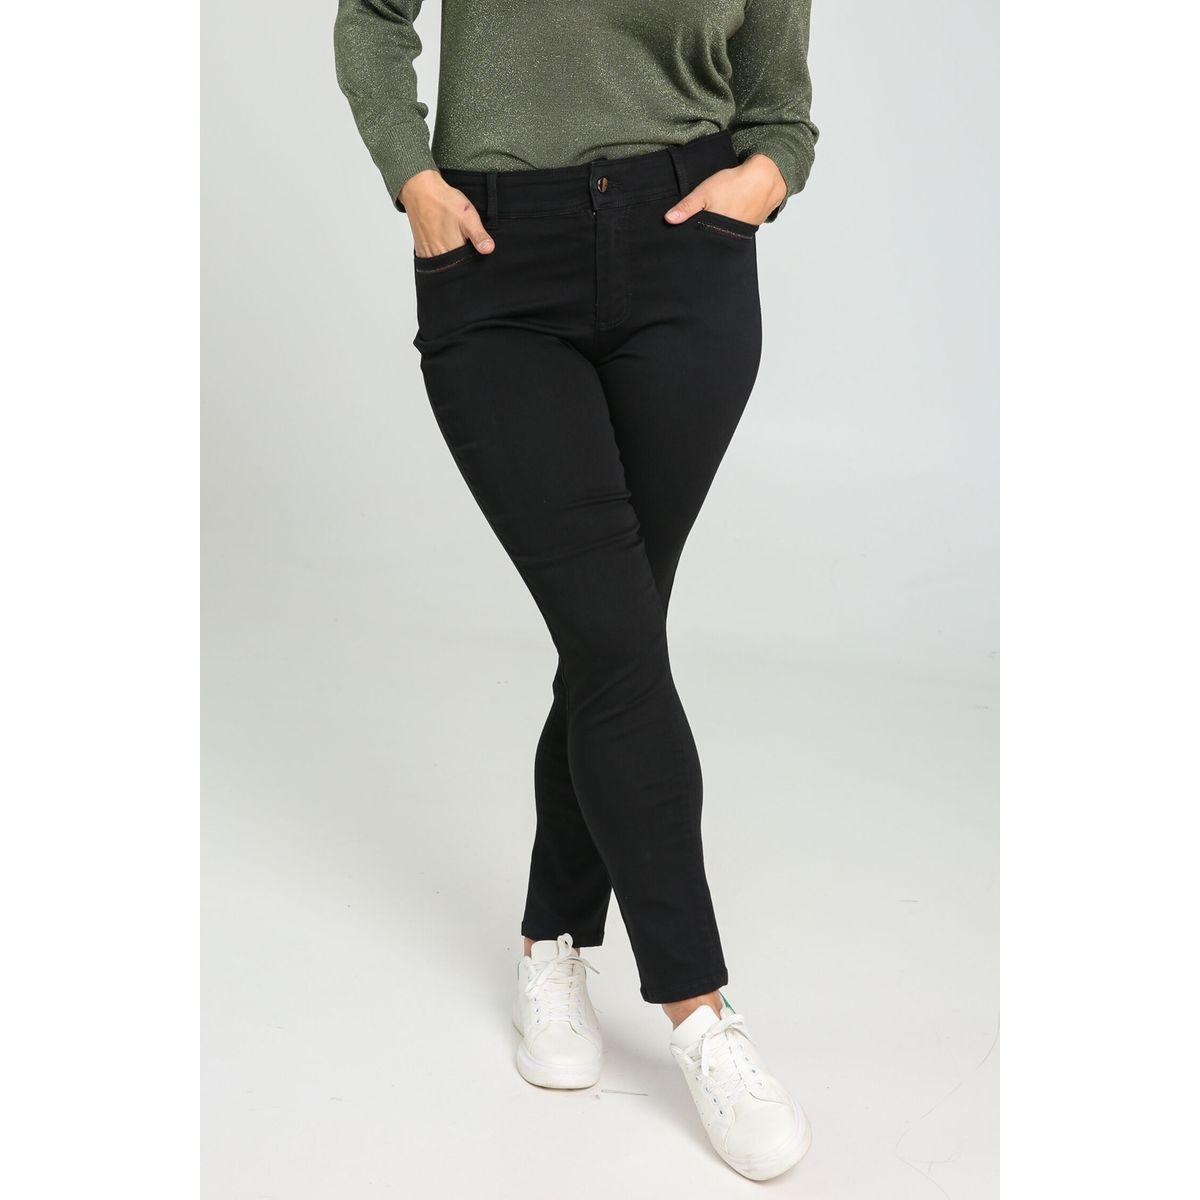 pantalon slim longueur 30